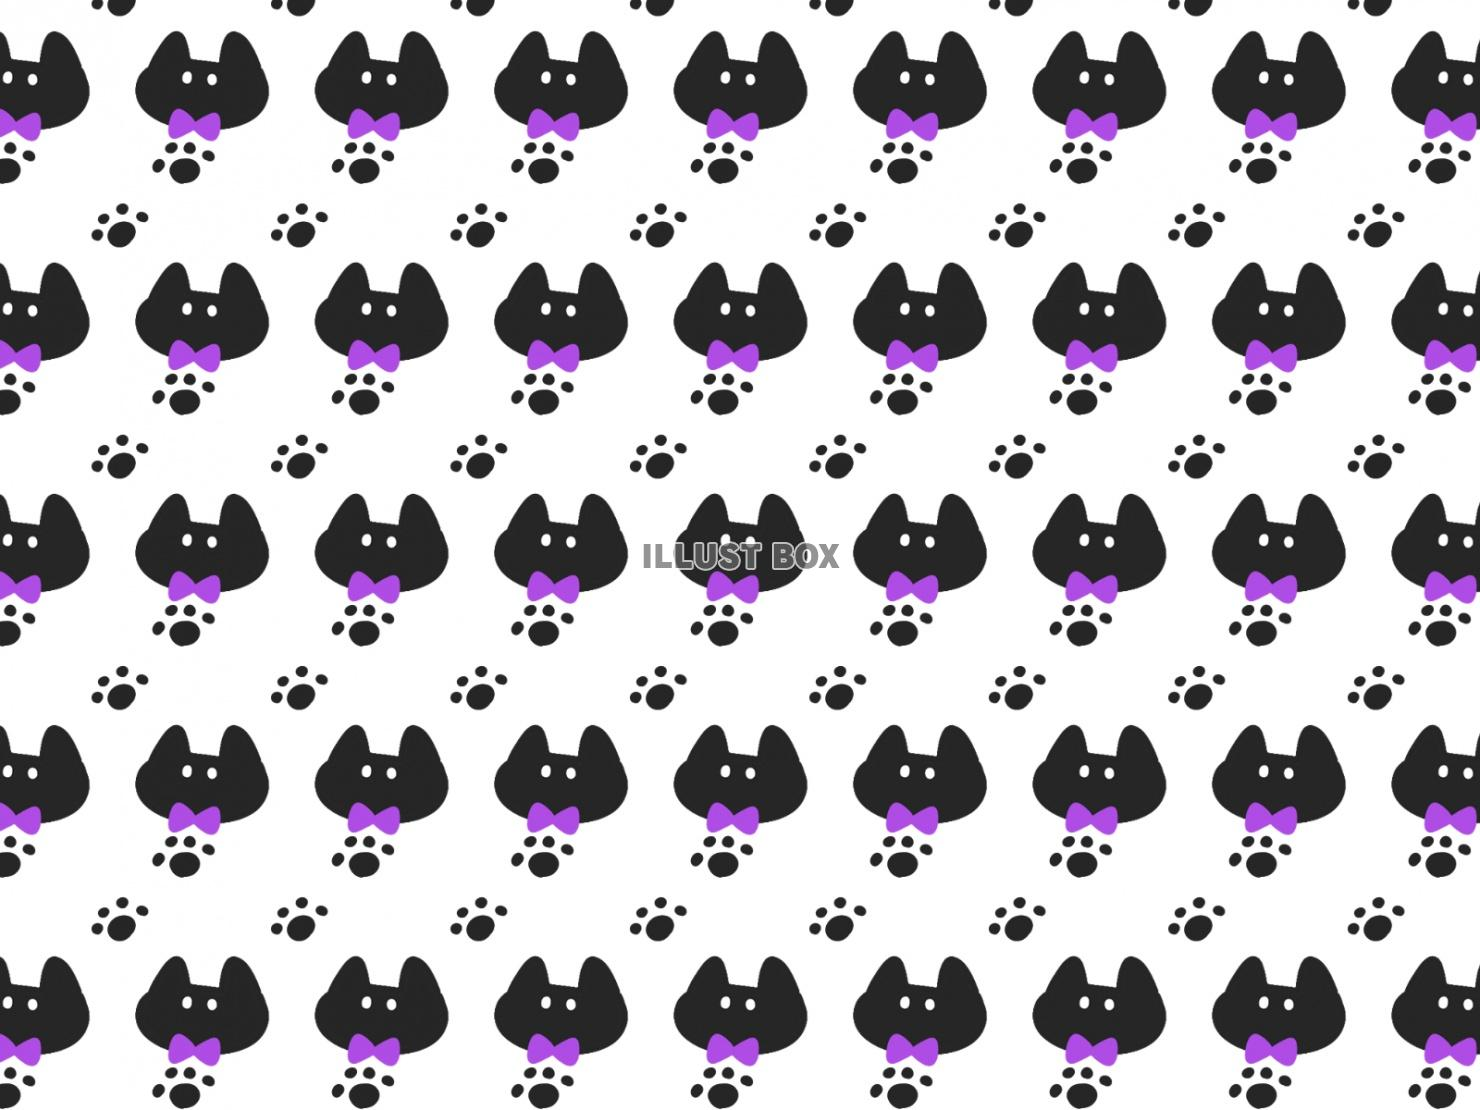 無料イラスト かわいい黒猫と肉球柄の壁紙